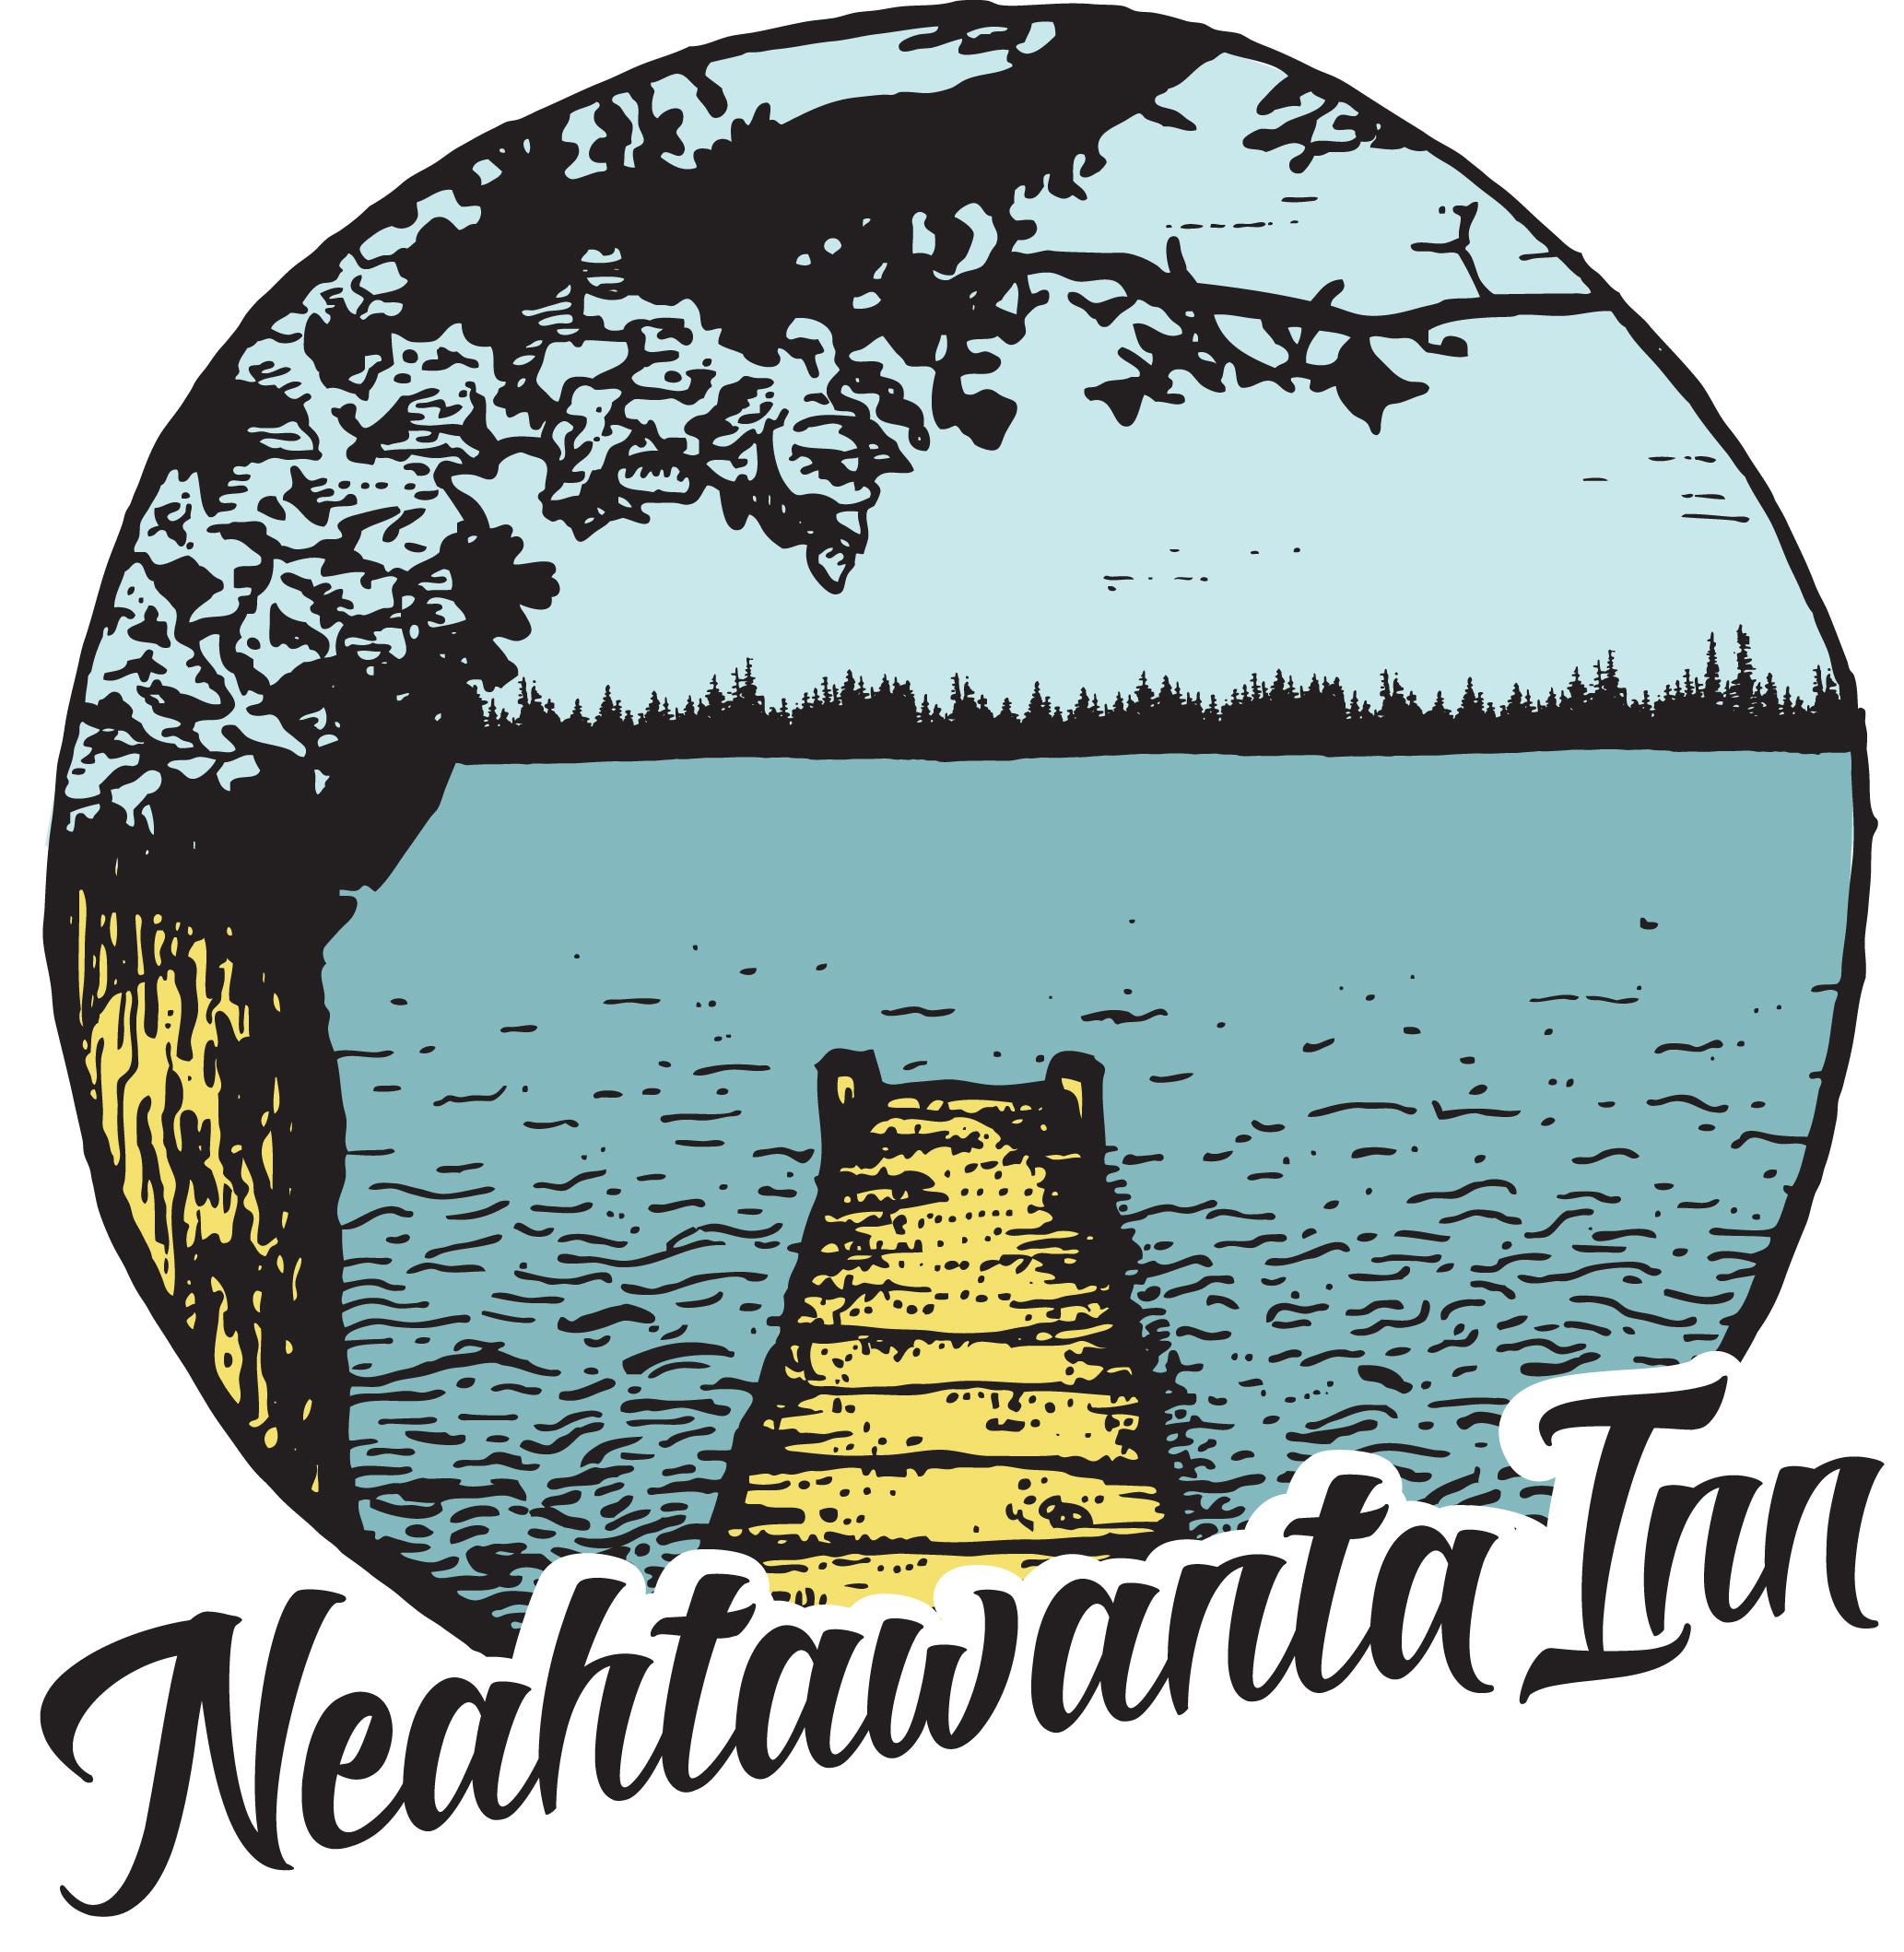 NEAH_logo2017_10_AT2.jpg